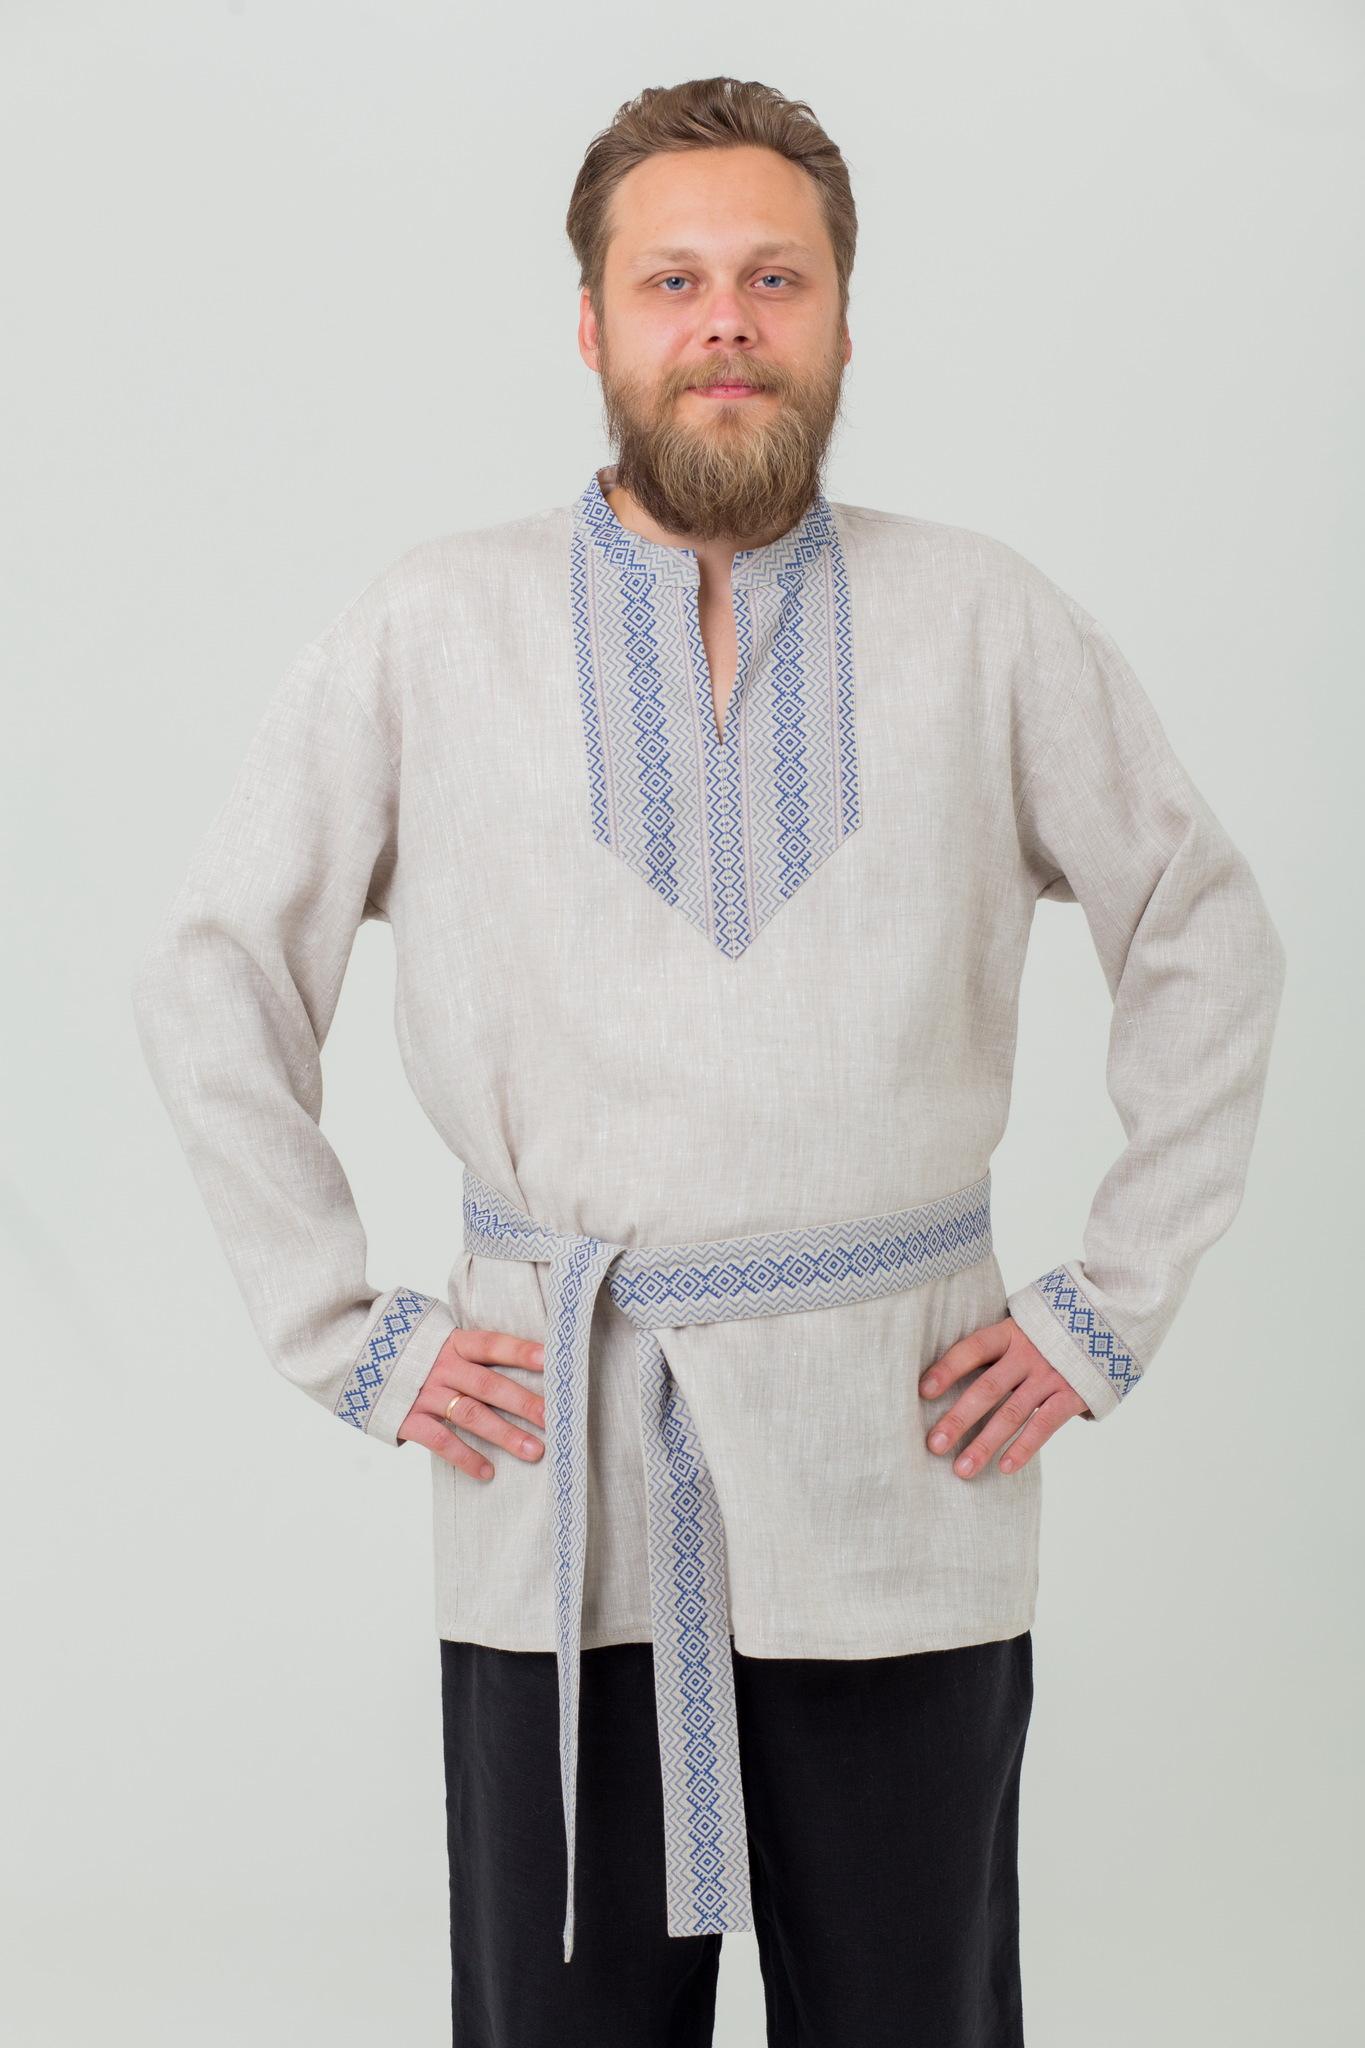 Славянская народная рубаха Льняной дождь с доставкой